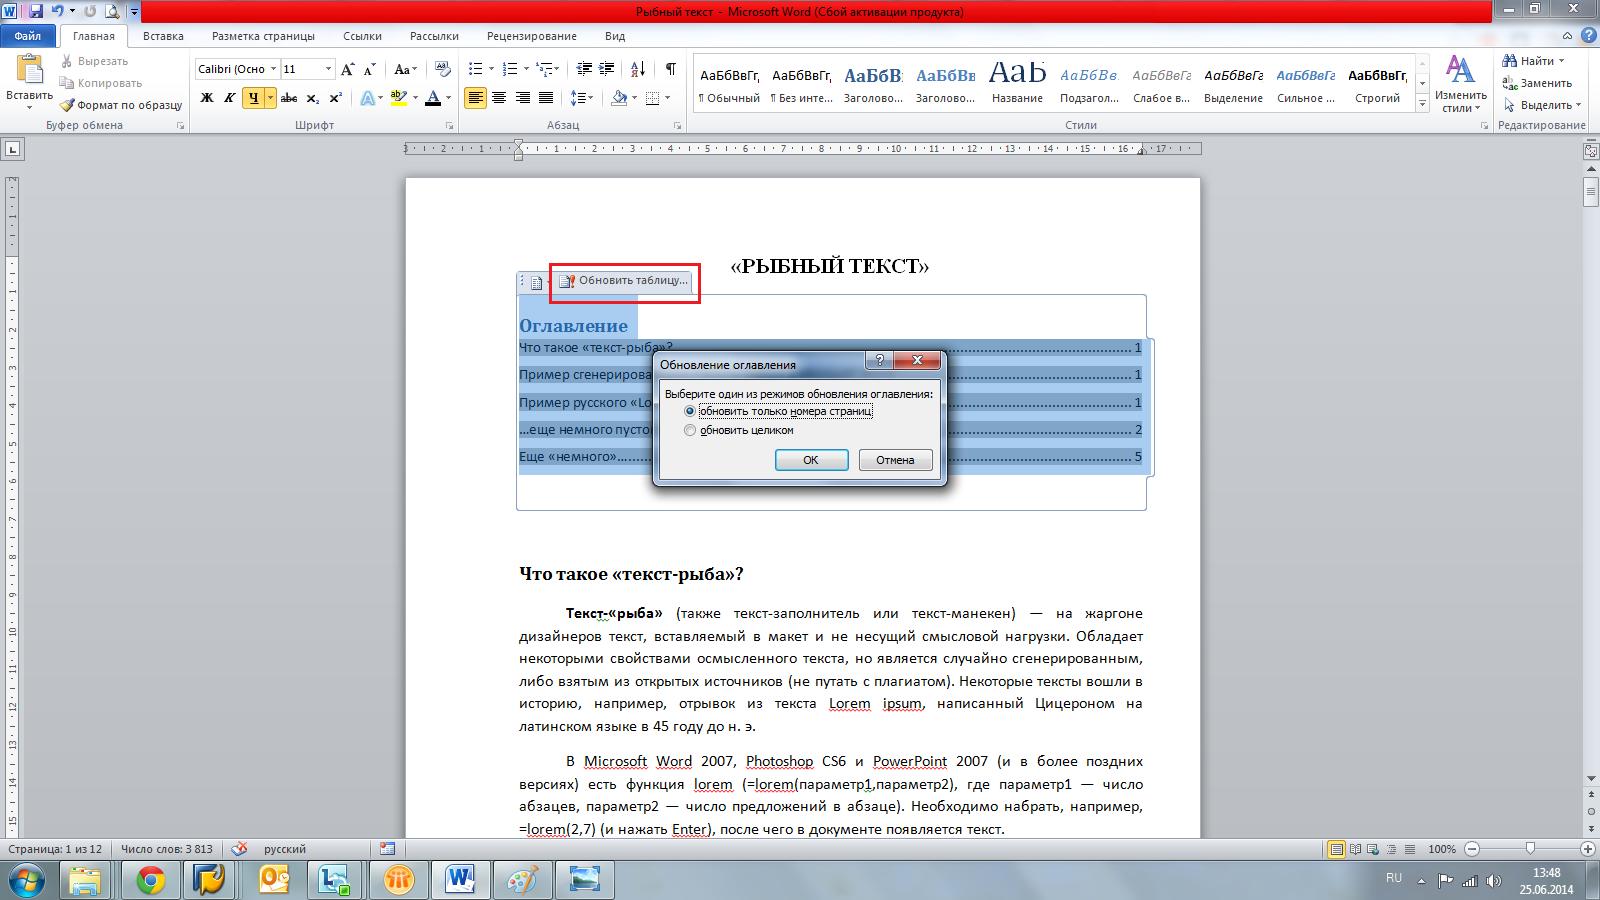 Как сделать оглавление или содержание в документ Word 2007 6